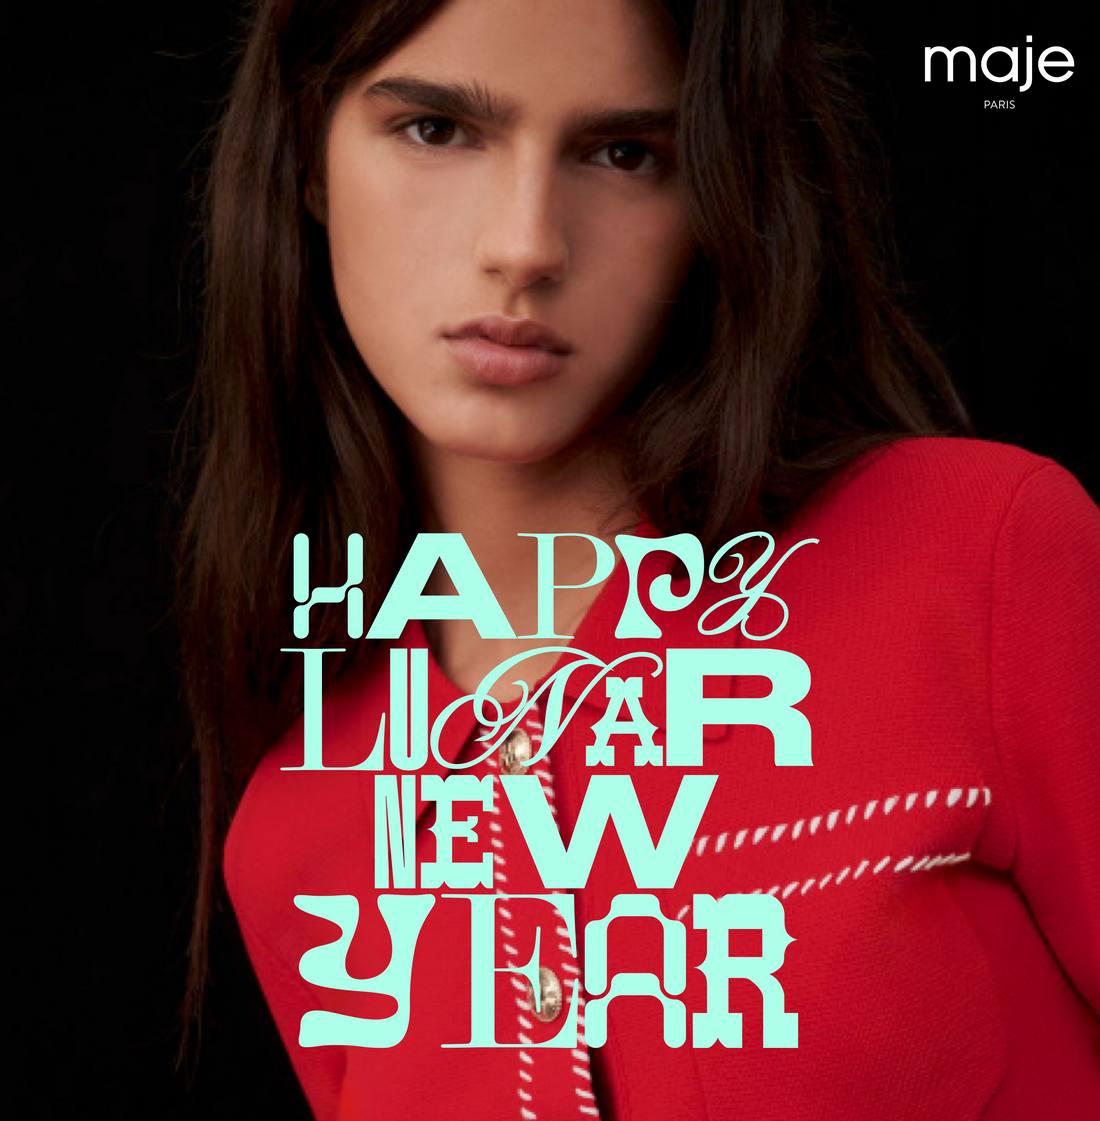 HAPPY LUNAR NEW YEAR 2021 & QUÀ TẶNG ĐÓN TẾT TỪ MAJE 1